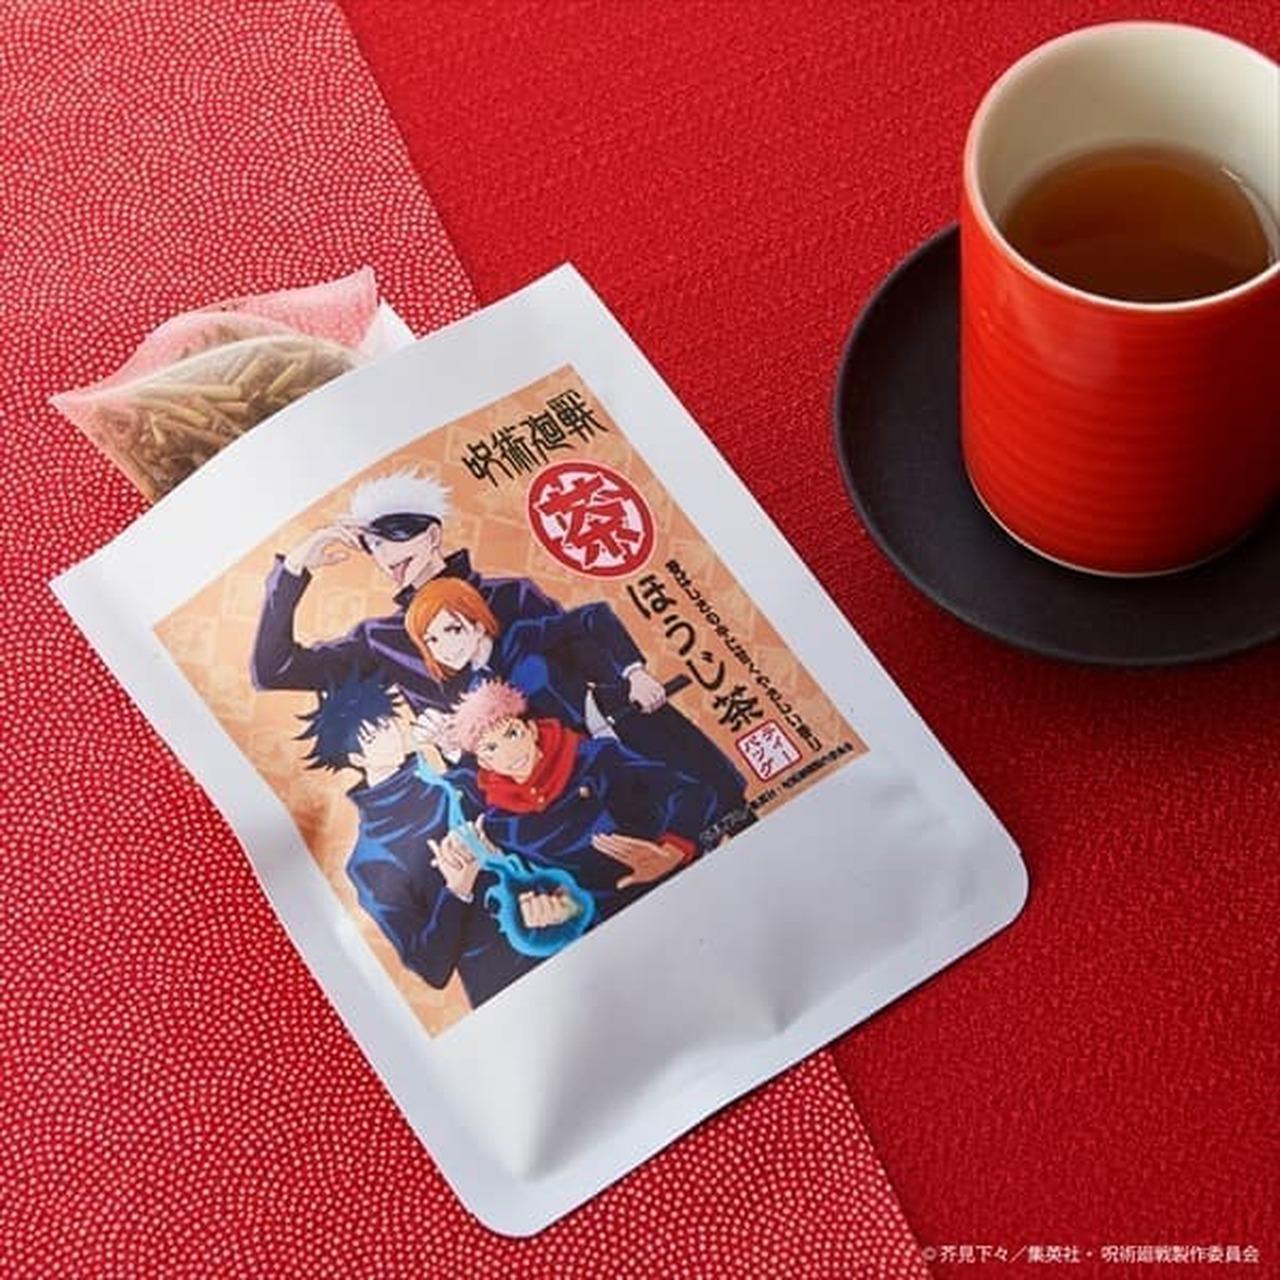 ヴィレッジヴァンガードオンライン【呪術廻戦】ほうじ茶(ティーバッグ3煎)